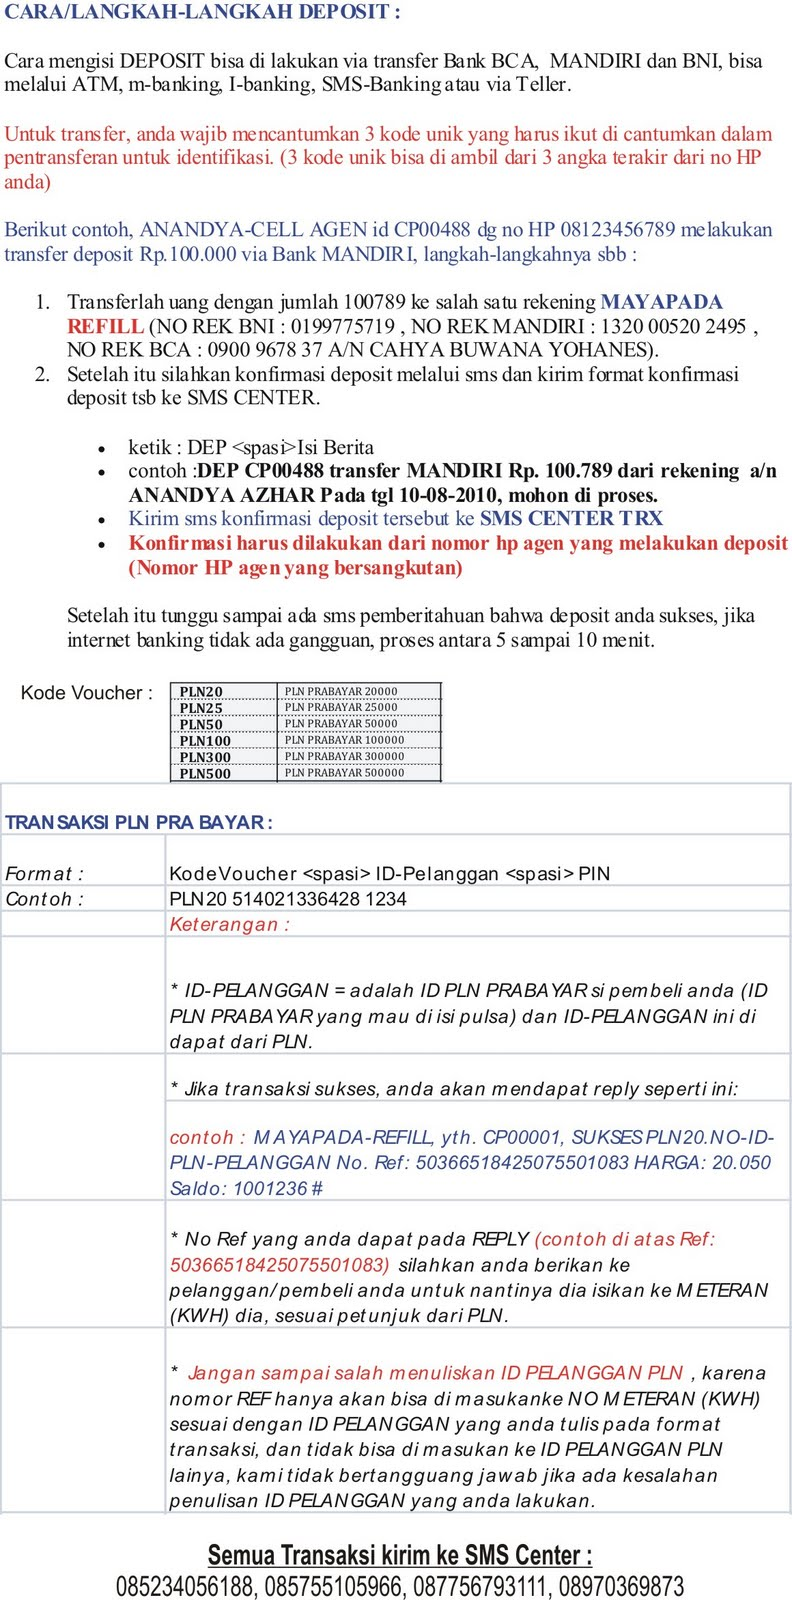 Image Result For Pulsa Murah Di Purwakarta